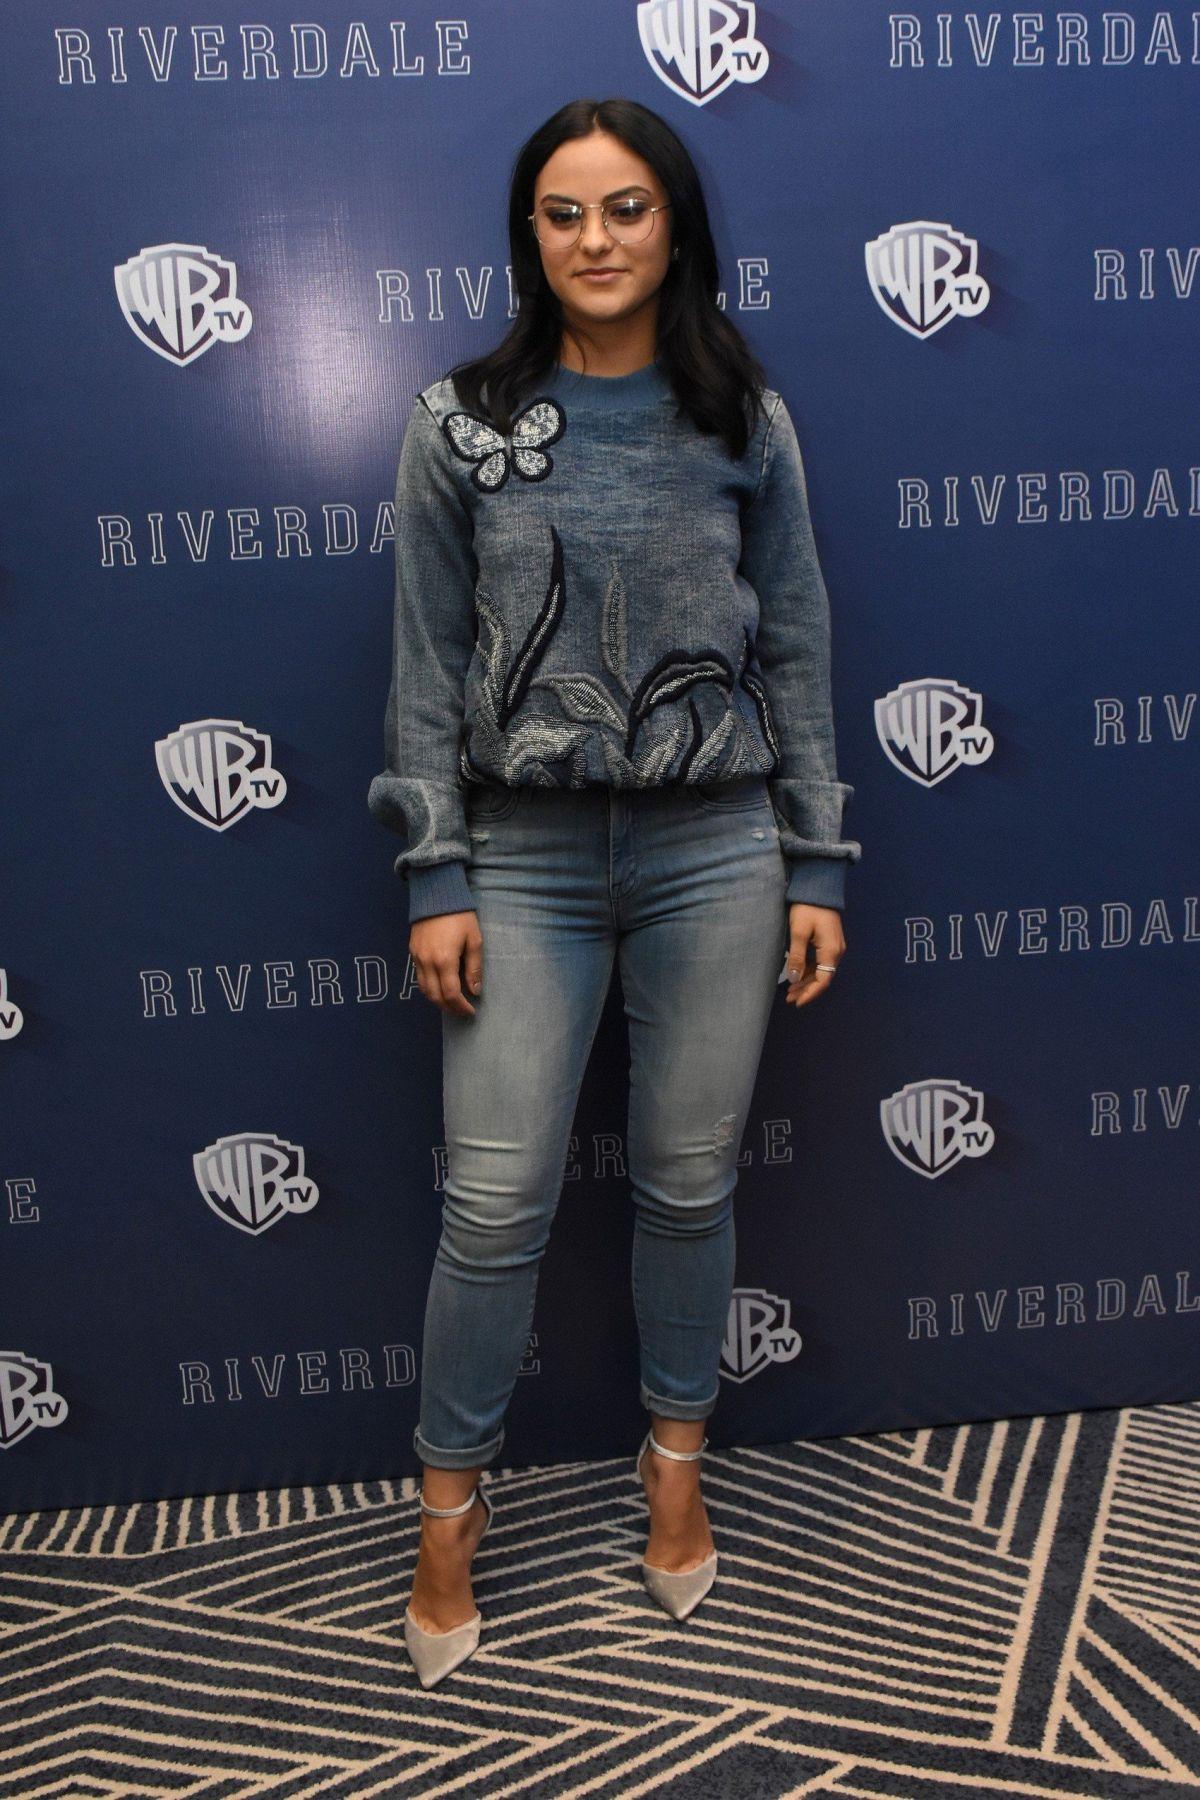 CAMILA MENDES at Riverdale